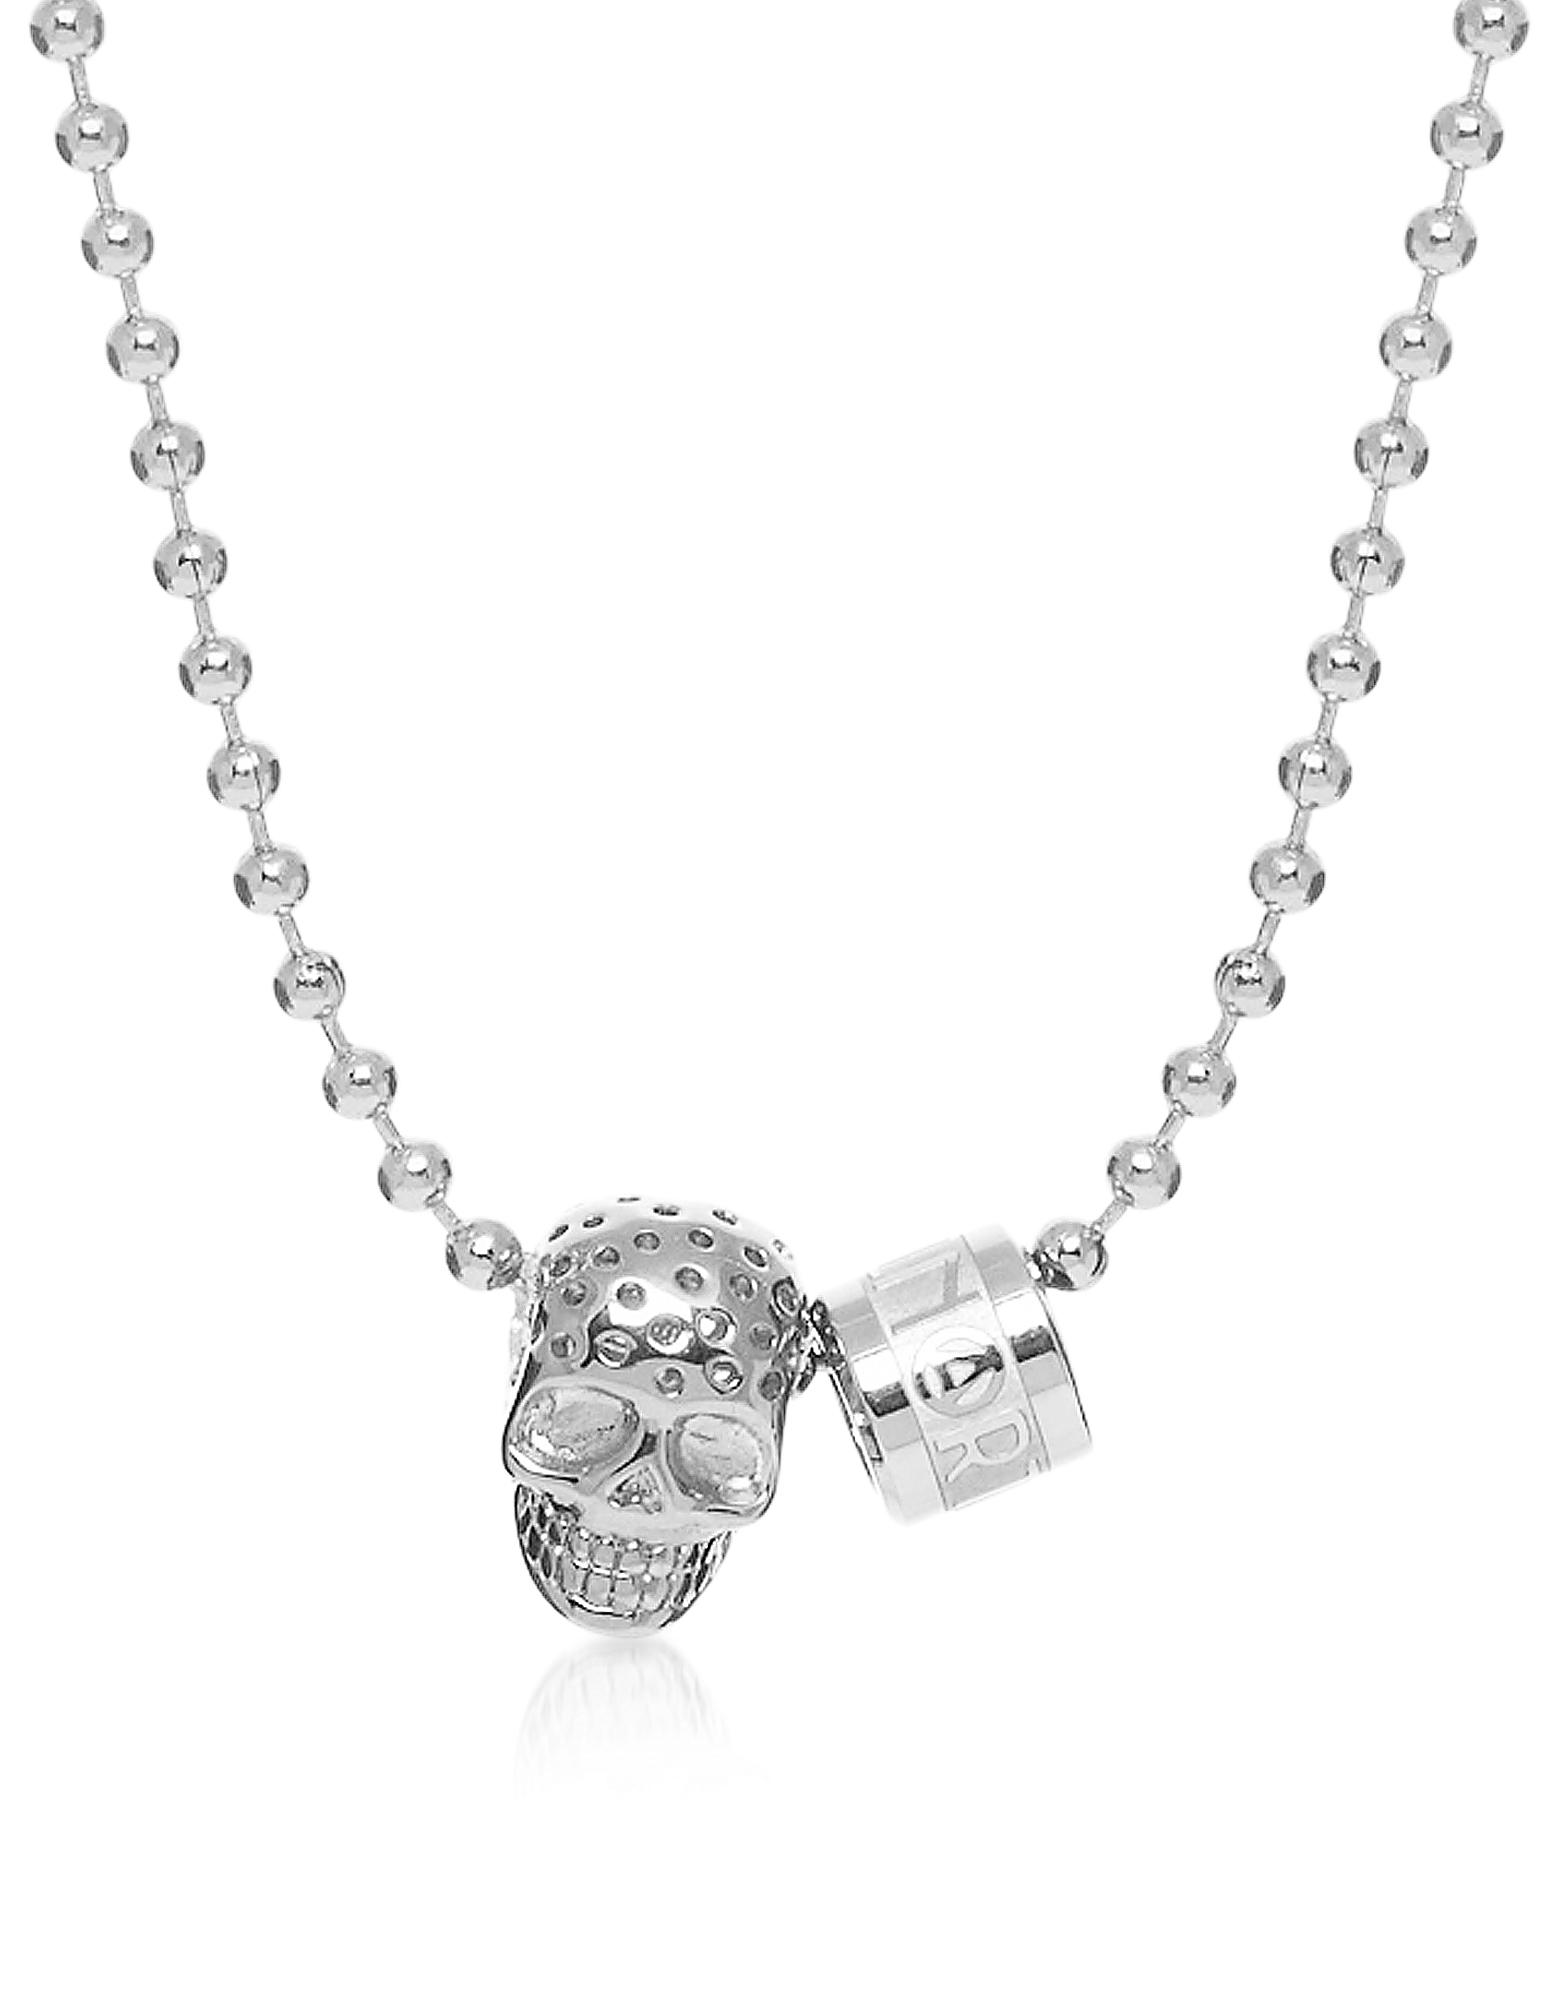 Серебрянное Ожерелье с Подвеской-Перфорированным Черепом, Кольцом с Логотипом и Шаром